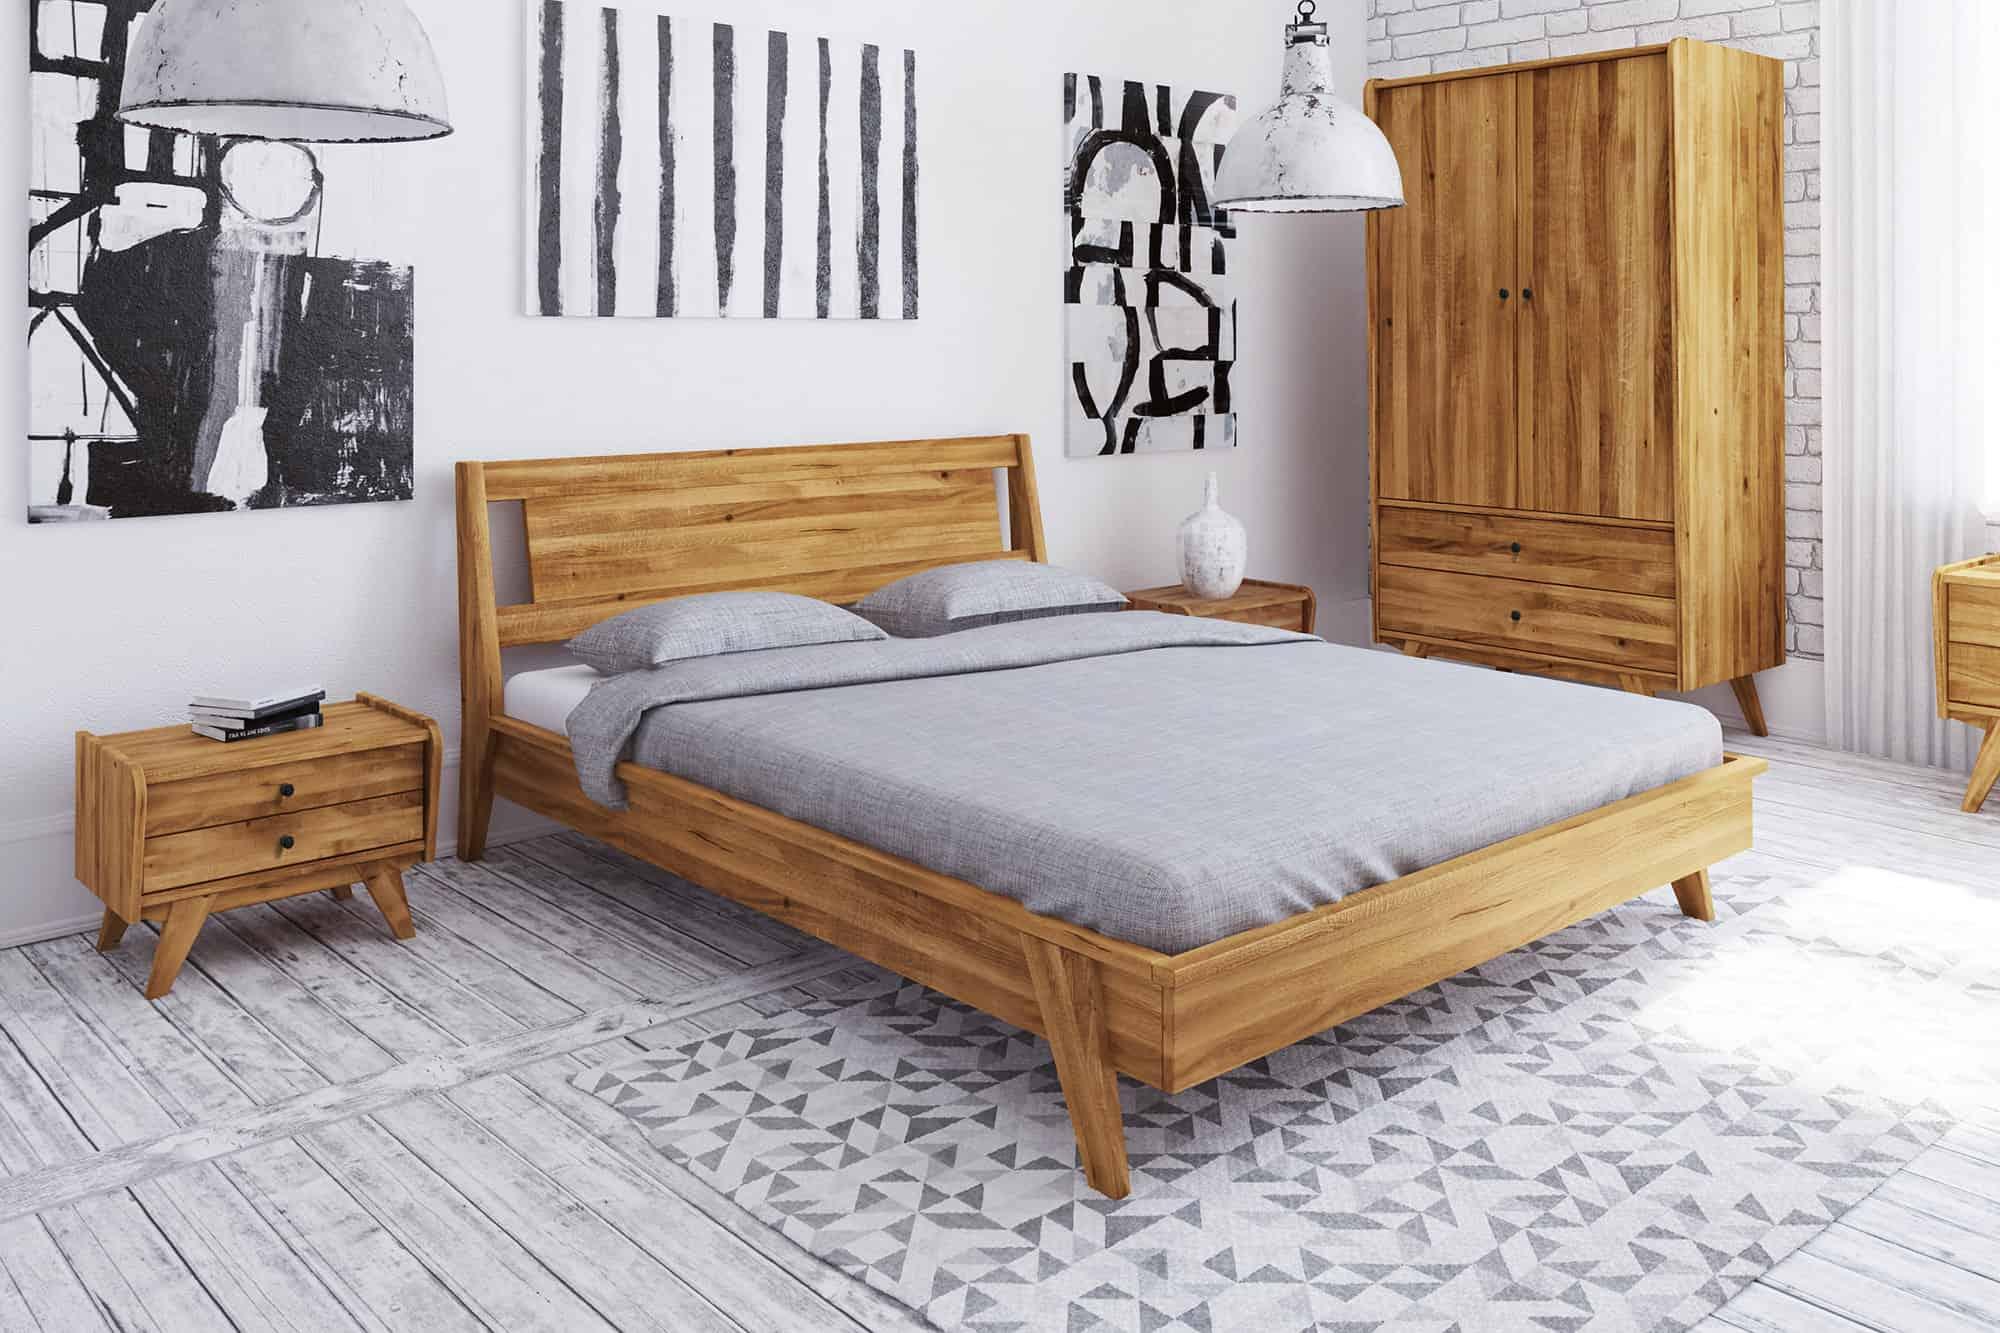 Zdjęcie 6 - RETRO - Kolekcja mebli do sypialni z drewna litego